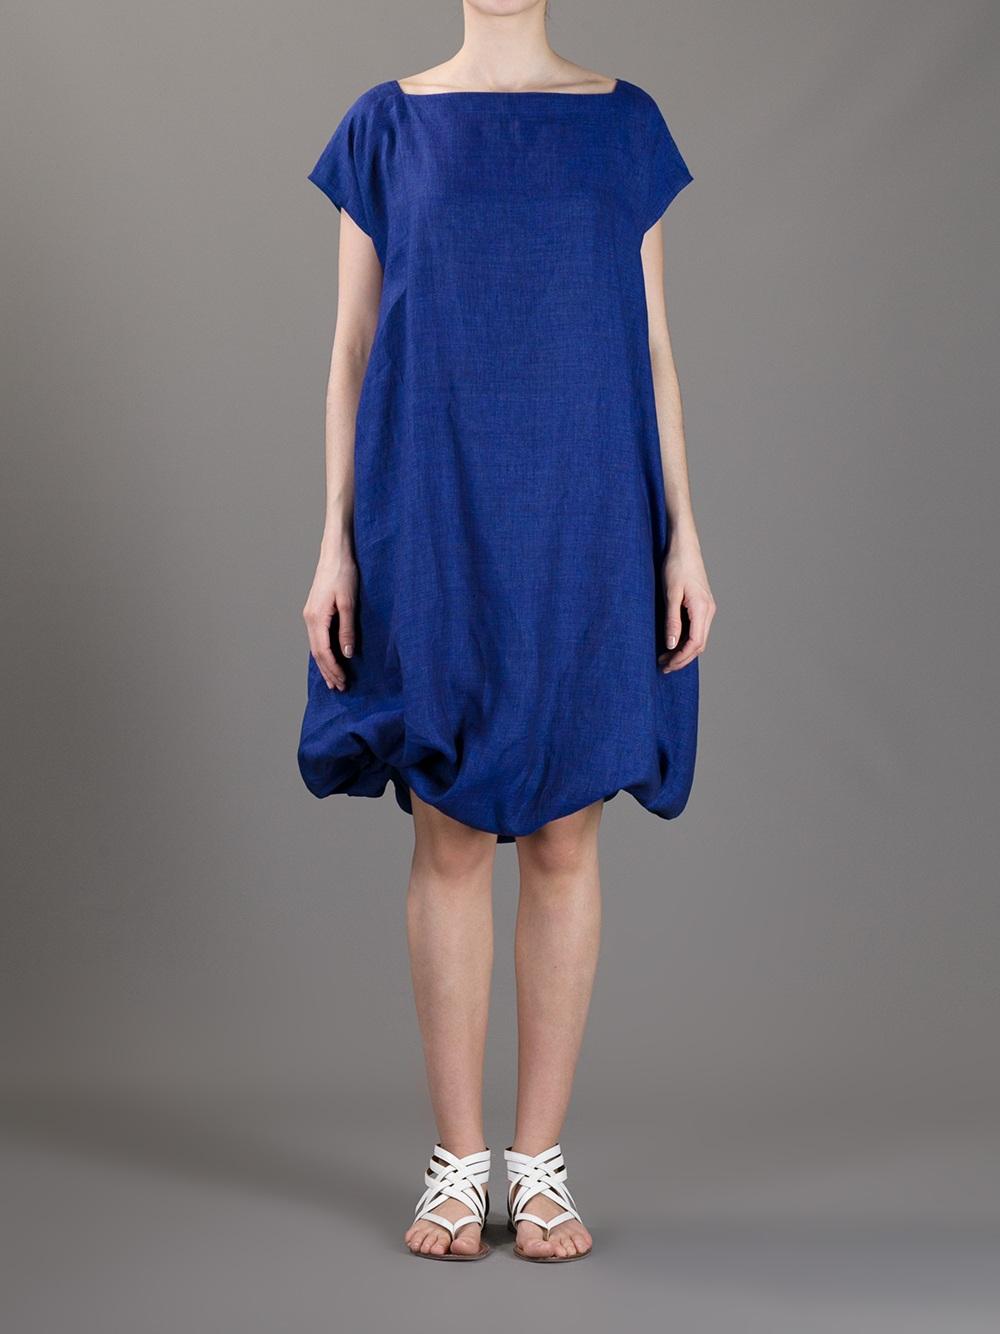 Lyst Daniela Gregis Belted Dress In Blue